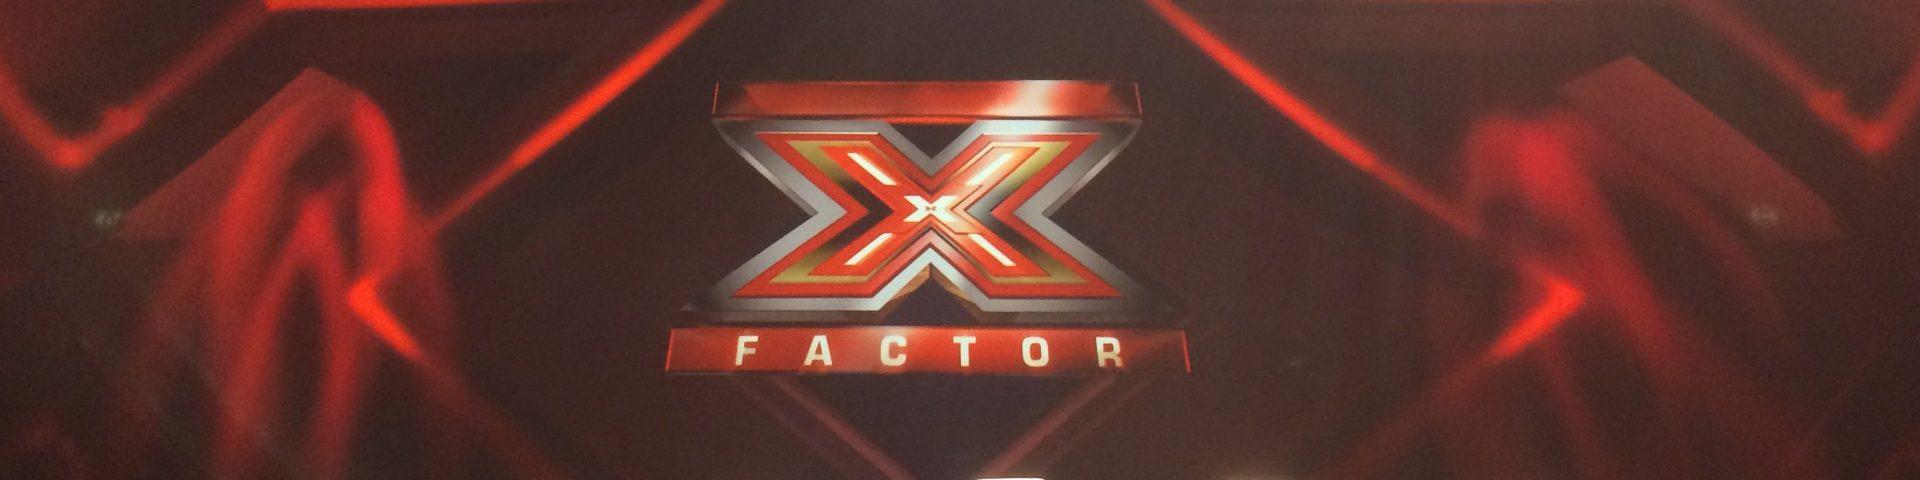 Ex concorrente di X Factor condannato all'ergastolo: ecco chi è